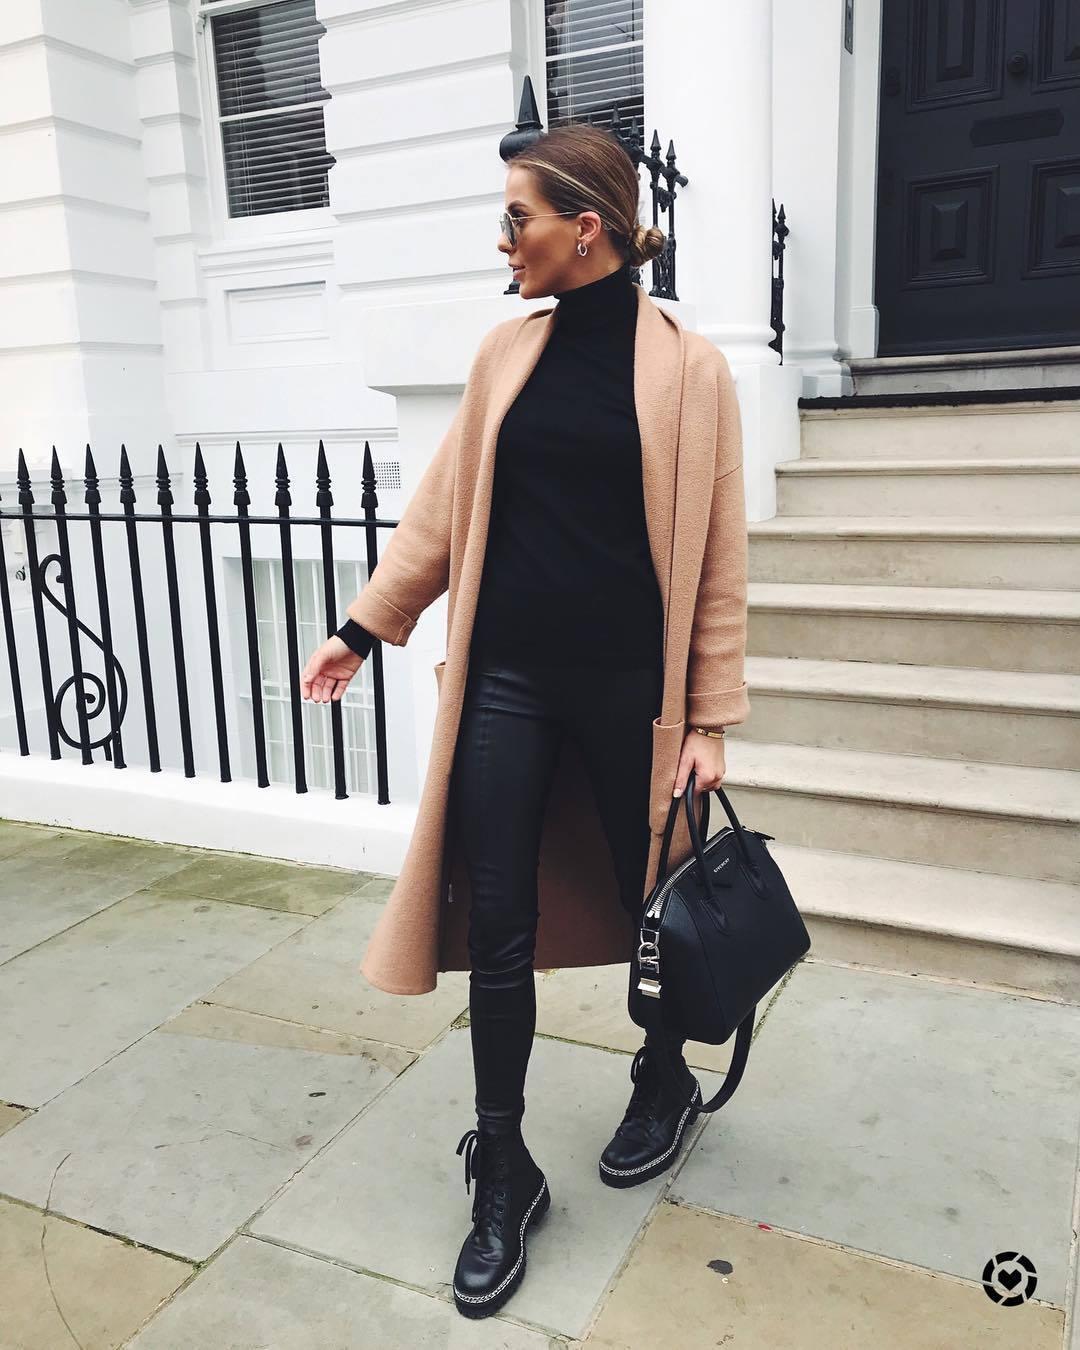 coat long coat pink coat black boots lace up boots black leggings black bag shoulder bag black turtleneck top